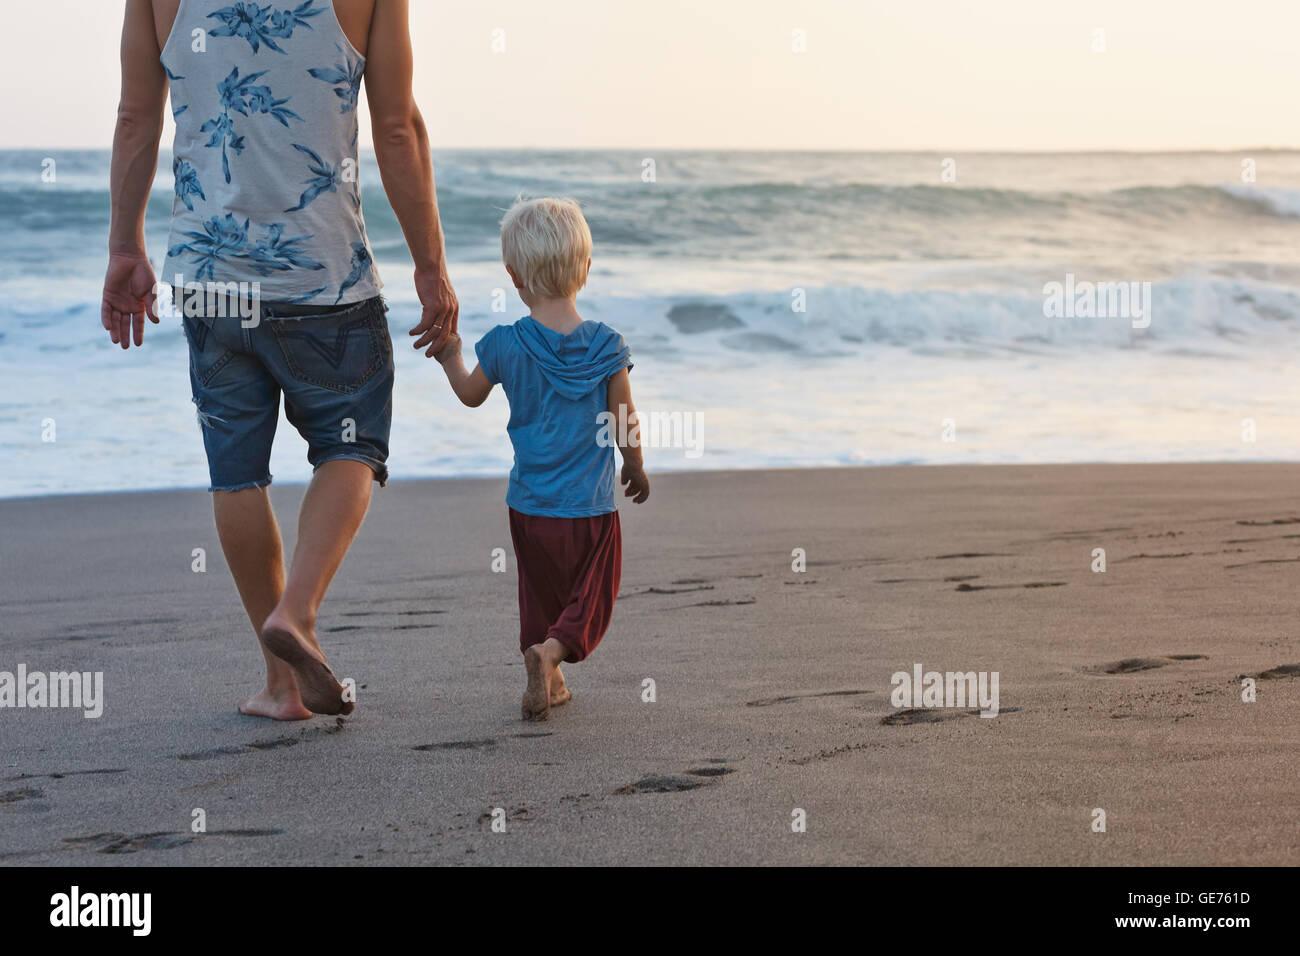 Familia feliz - descalzo padre sostiene hijo mano, caminar con diversión a lo largo de Sunset Surf Mar sobre Imagen De Stock